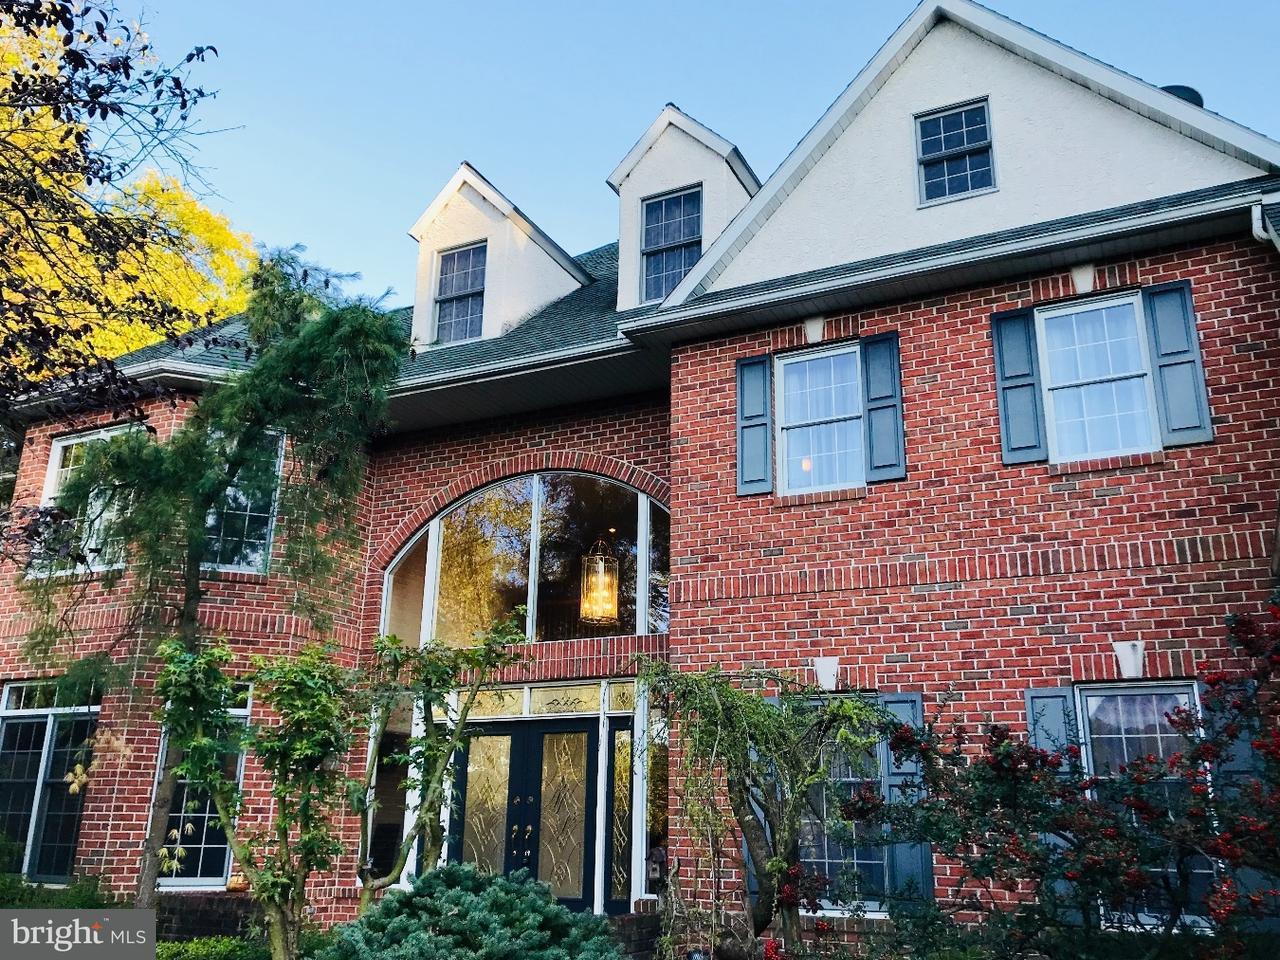 Частный односемейный дом для того Продажа на 1238 HUNTERS Road Mohnton, Пенсильвания 19540 Соединенные Штаты